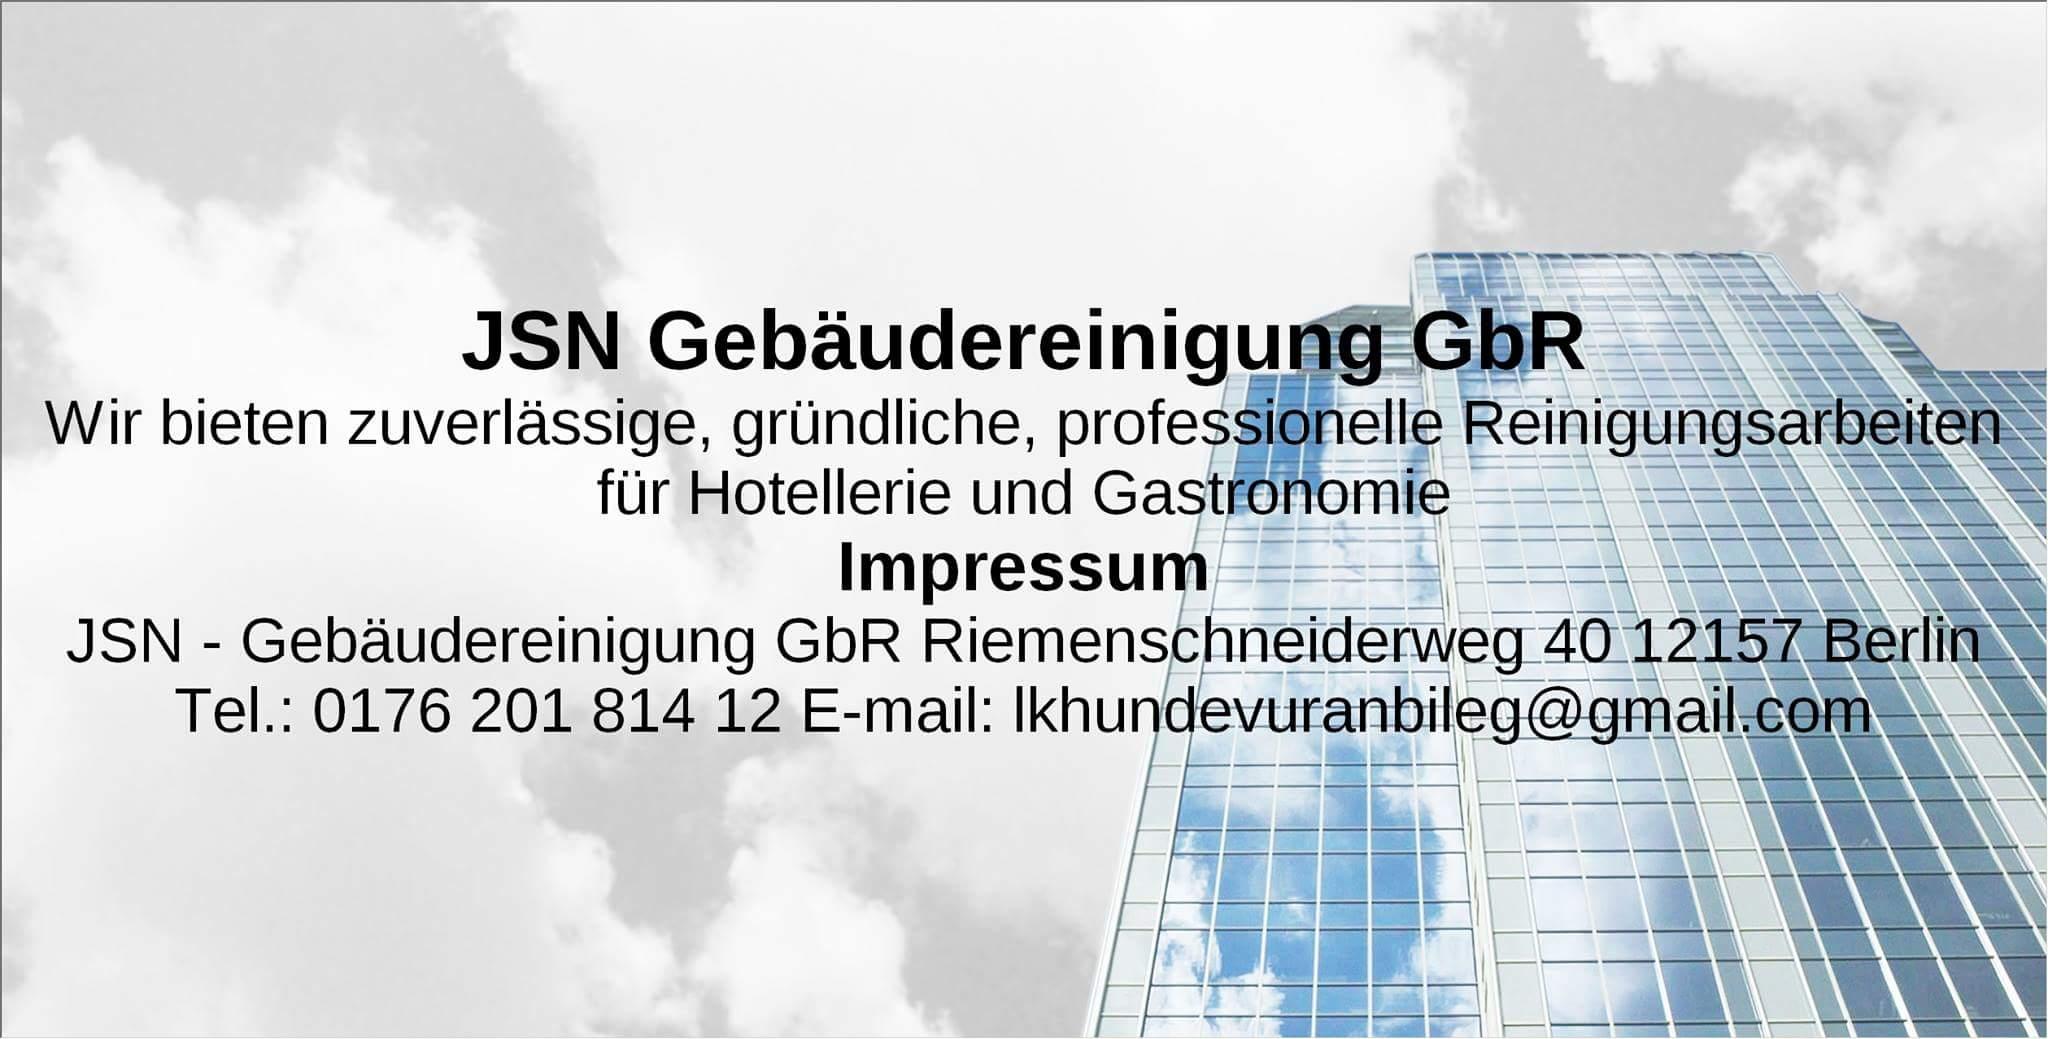 JSN Gebäudereinigung GbR